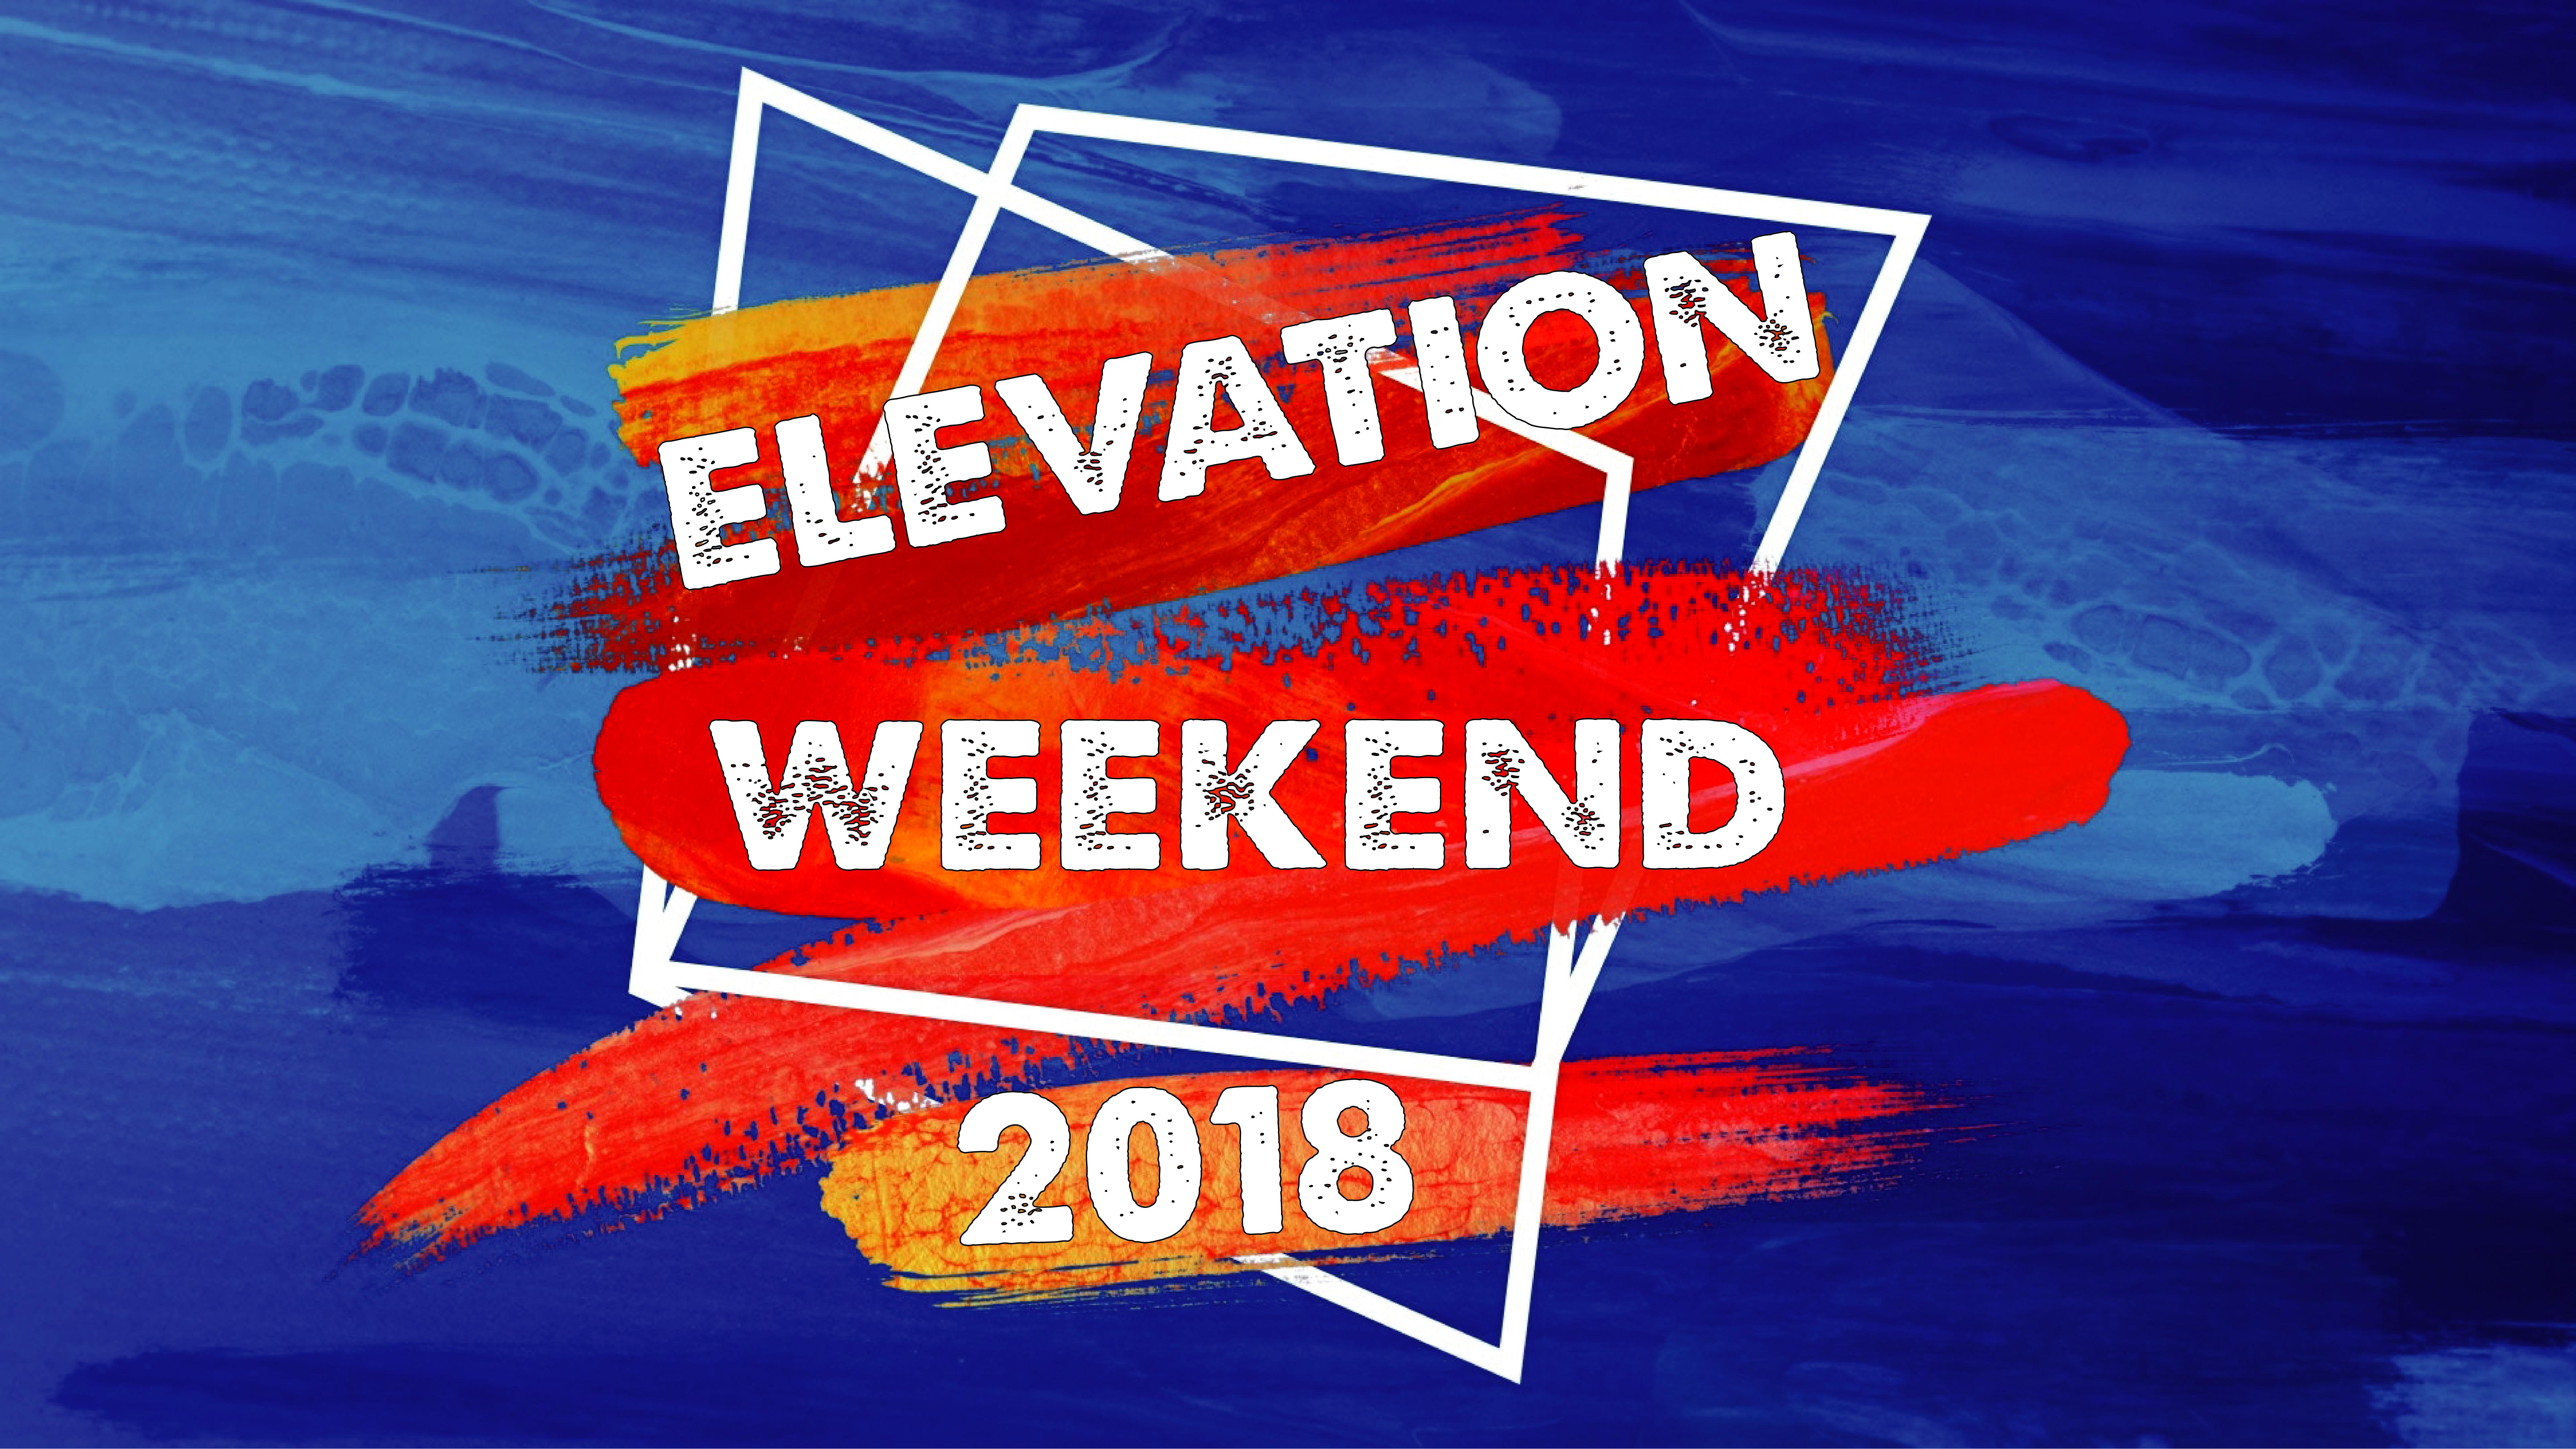 Elevation weekend promo